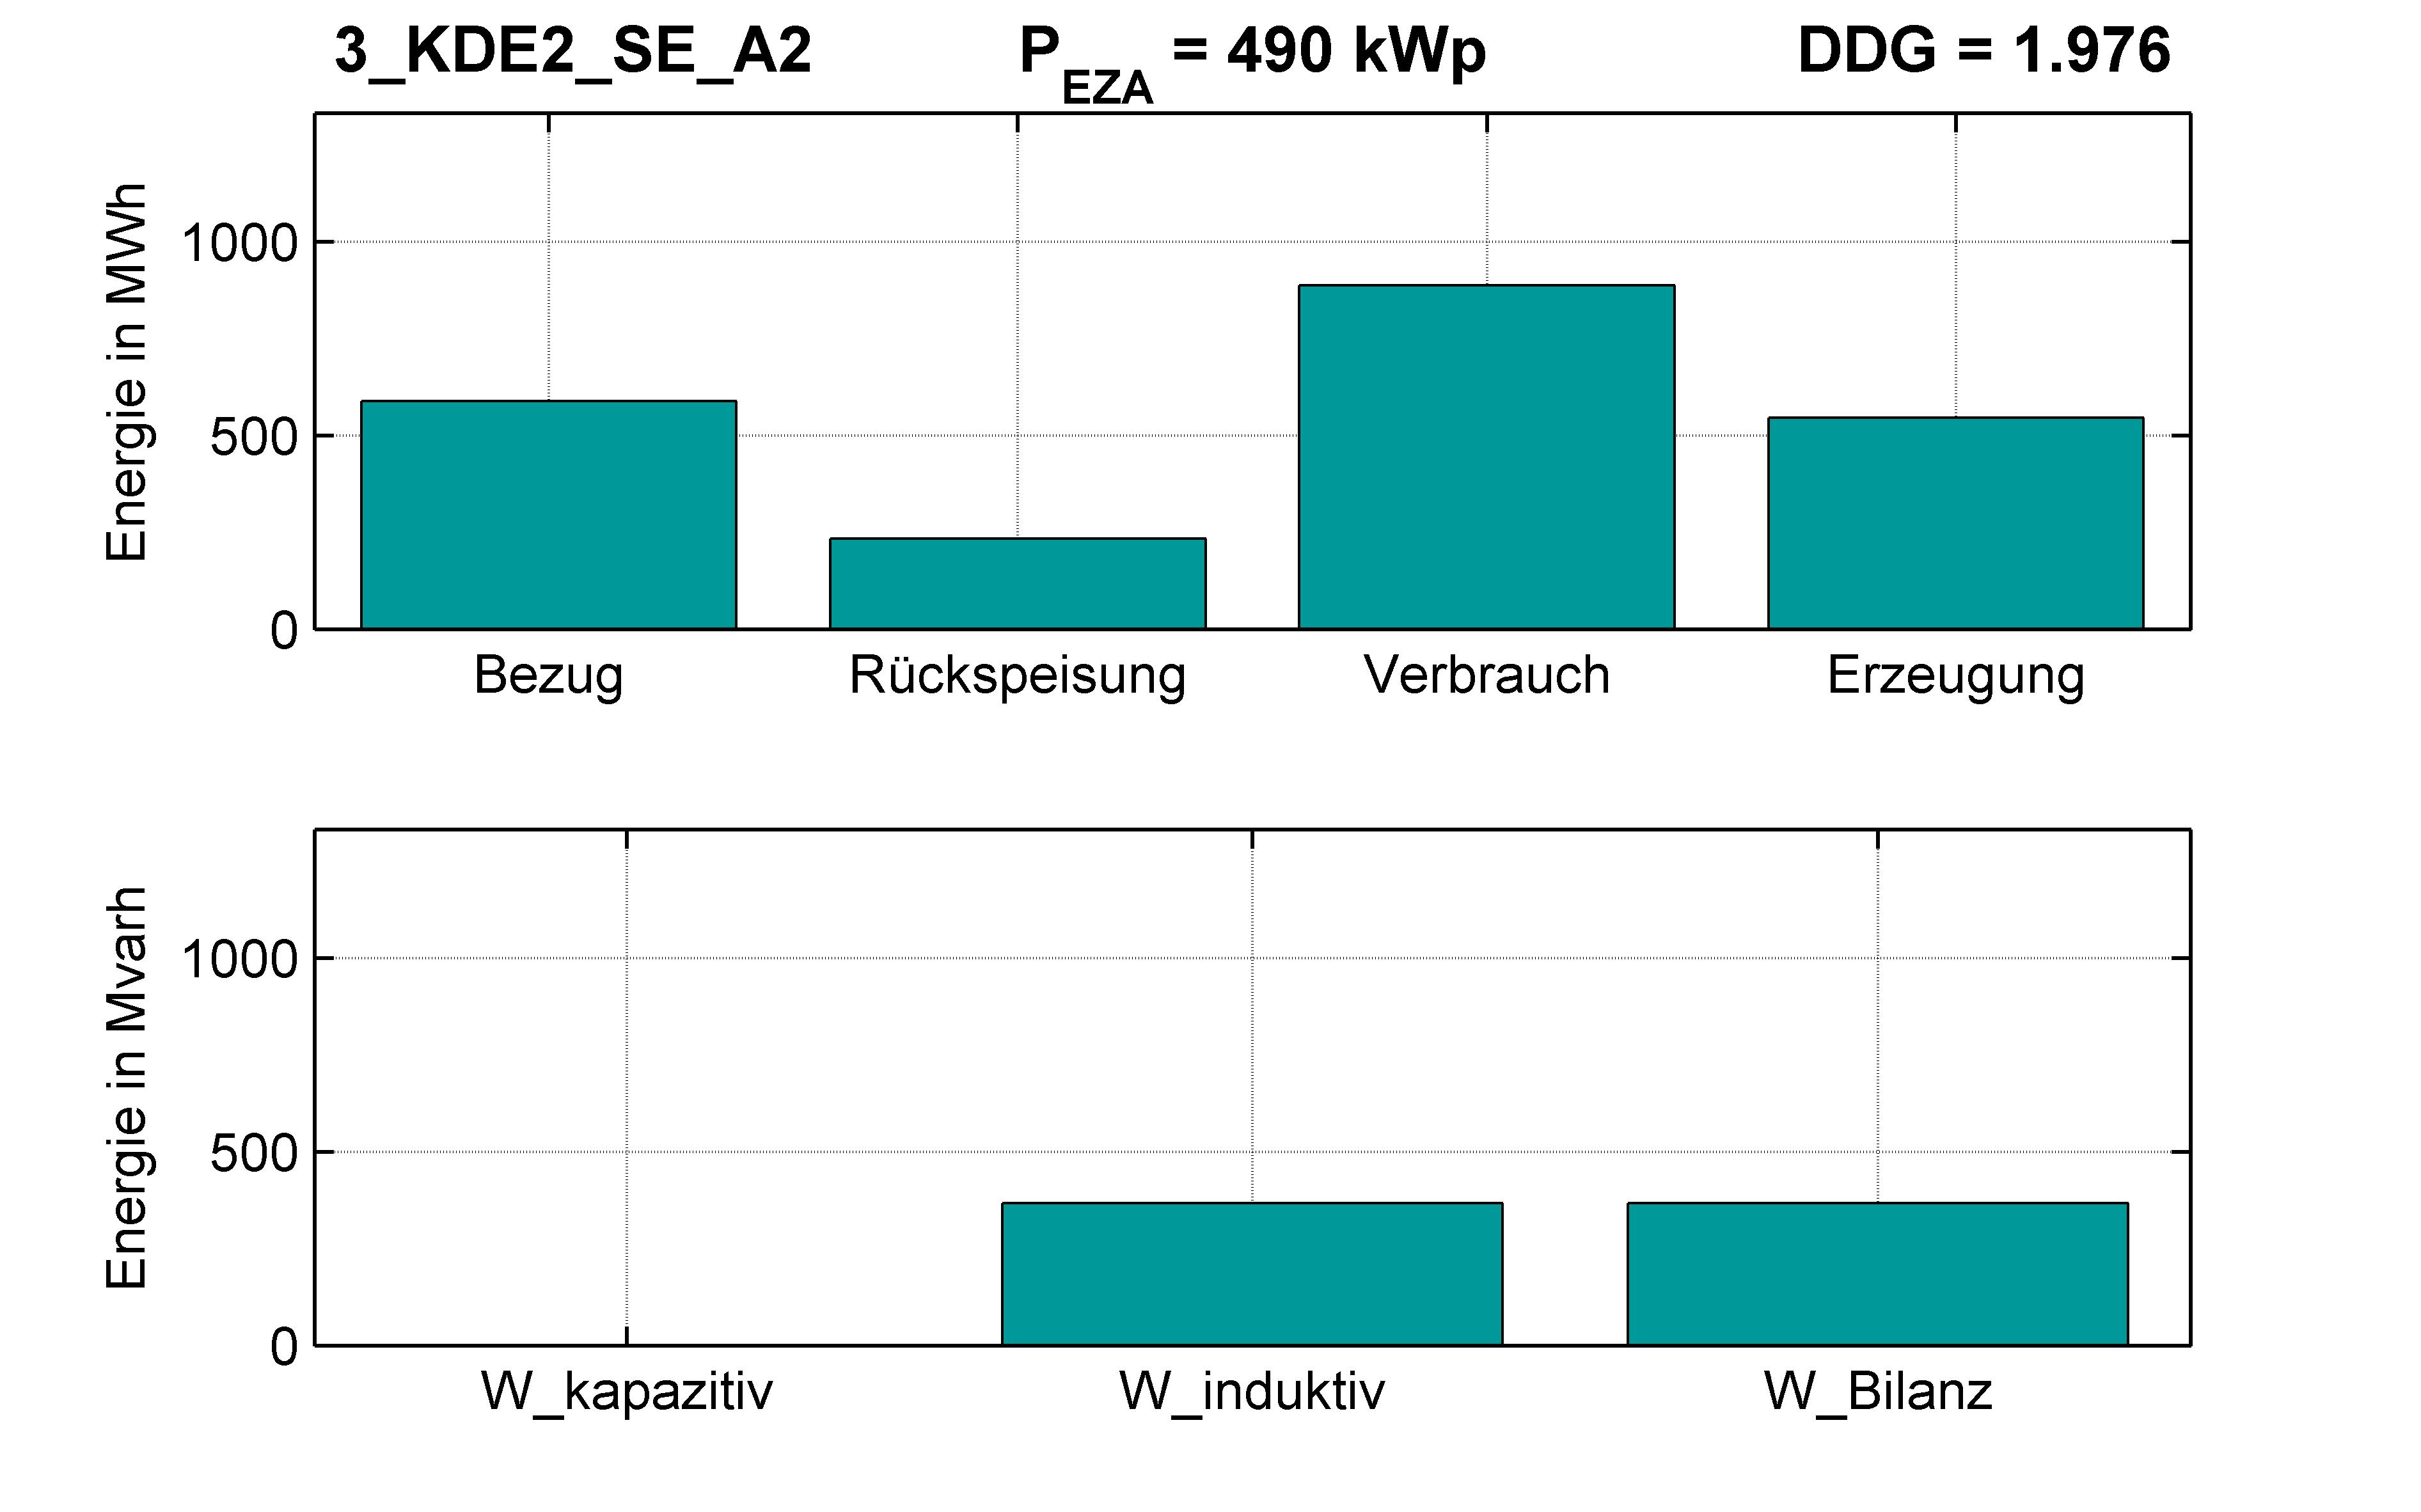 KDE2 | P-Kappung 70% (SE) A2 | PQ-Bilanz